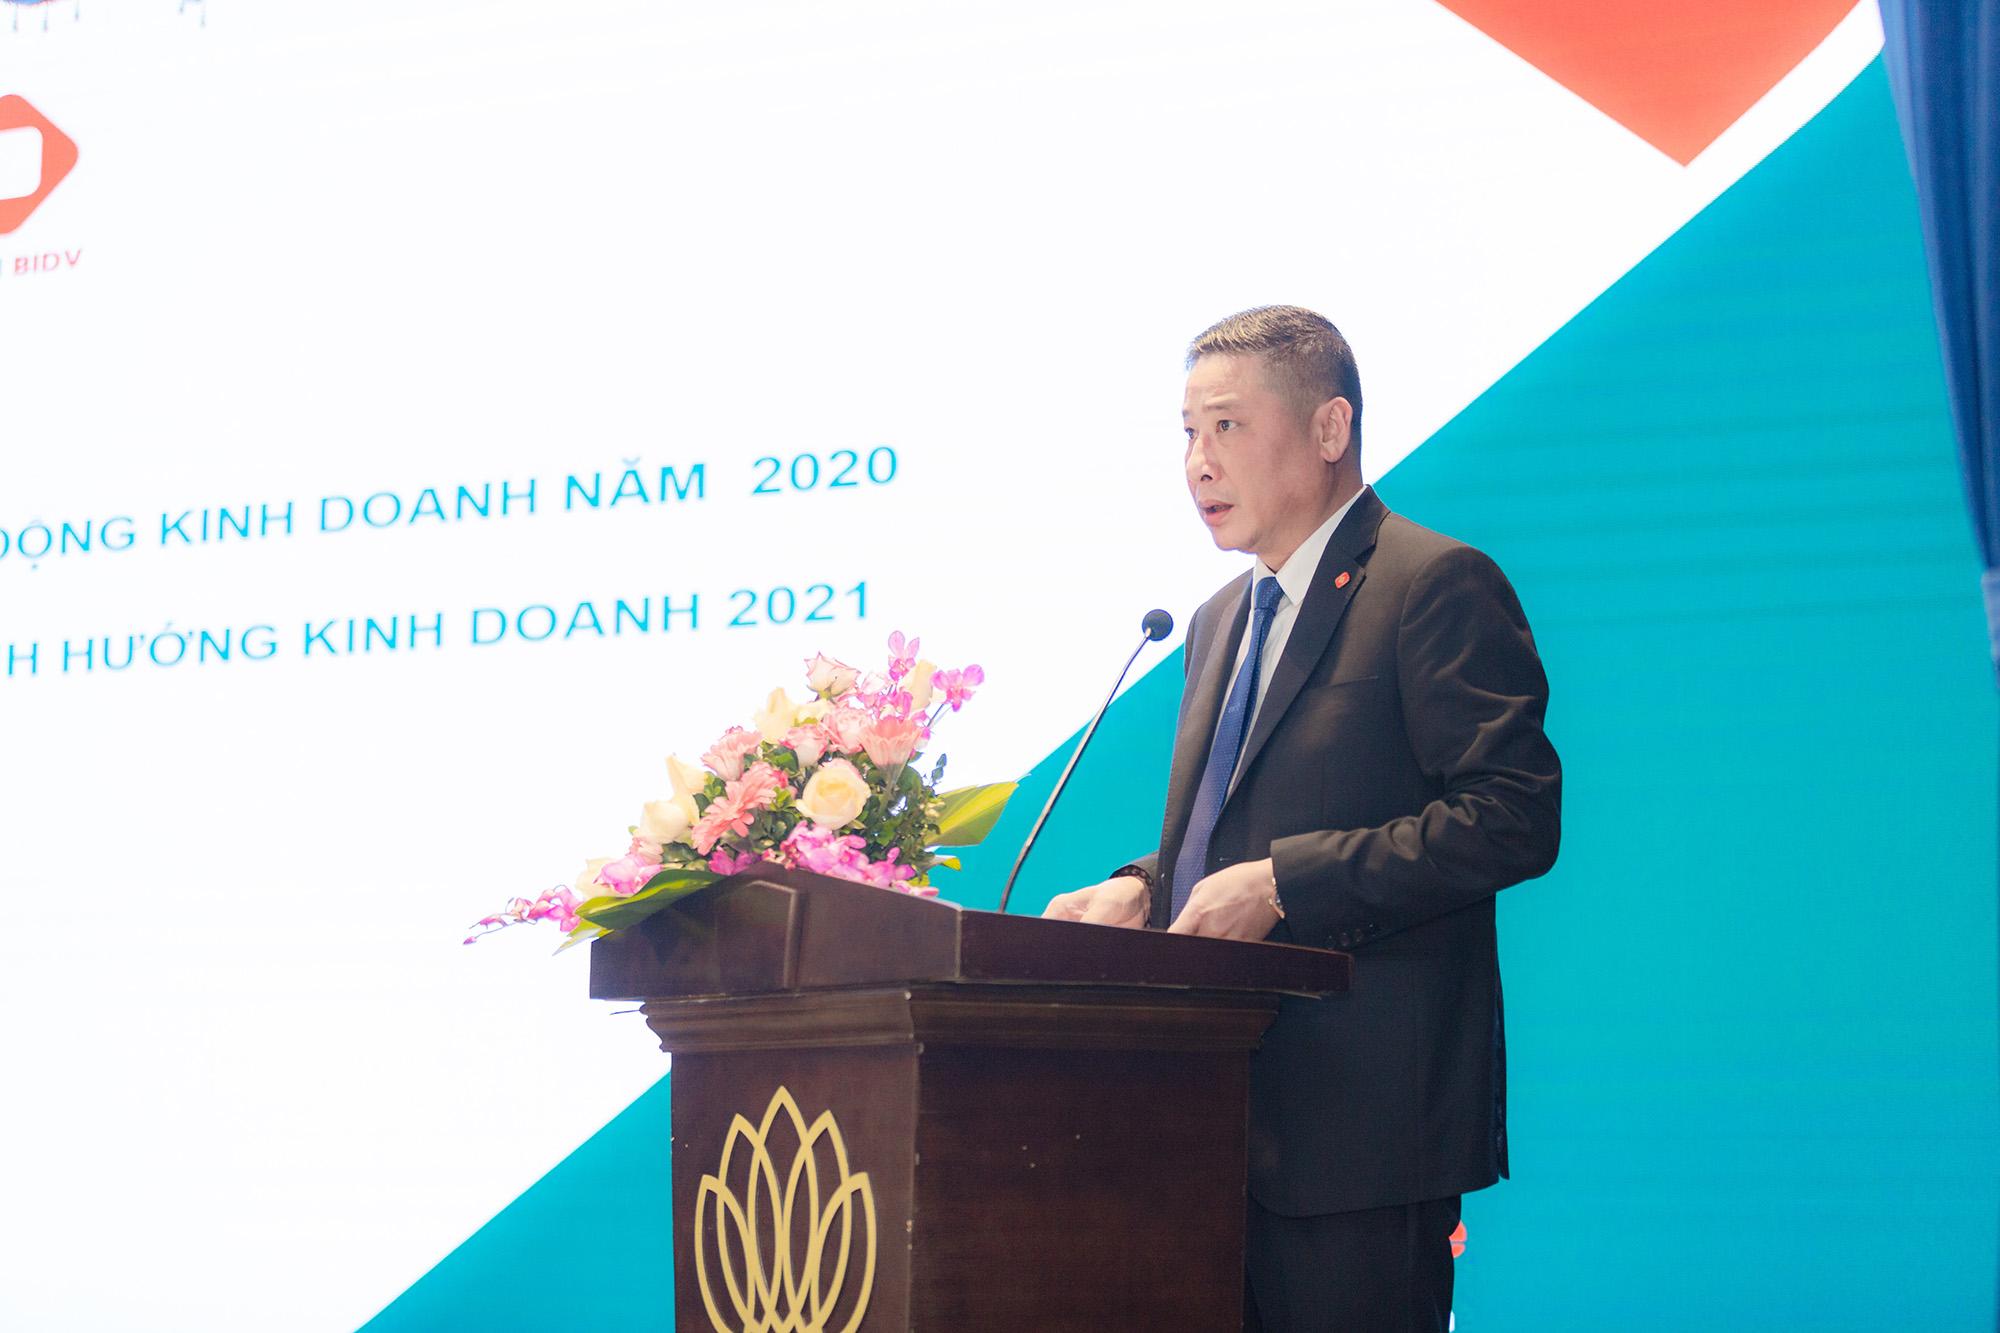 Lợi nhuận hợp nhất của BIC năm 2020 tăng trưởng 39%